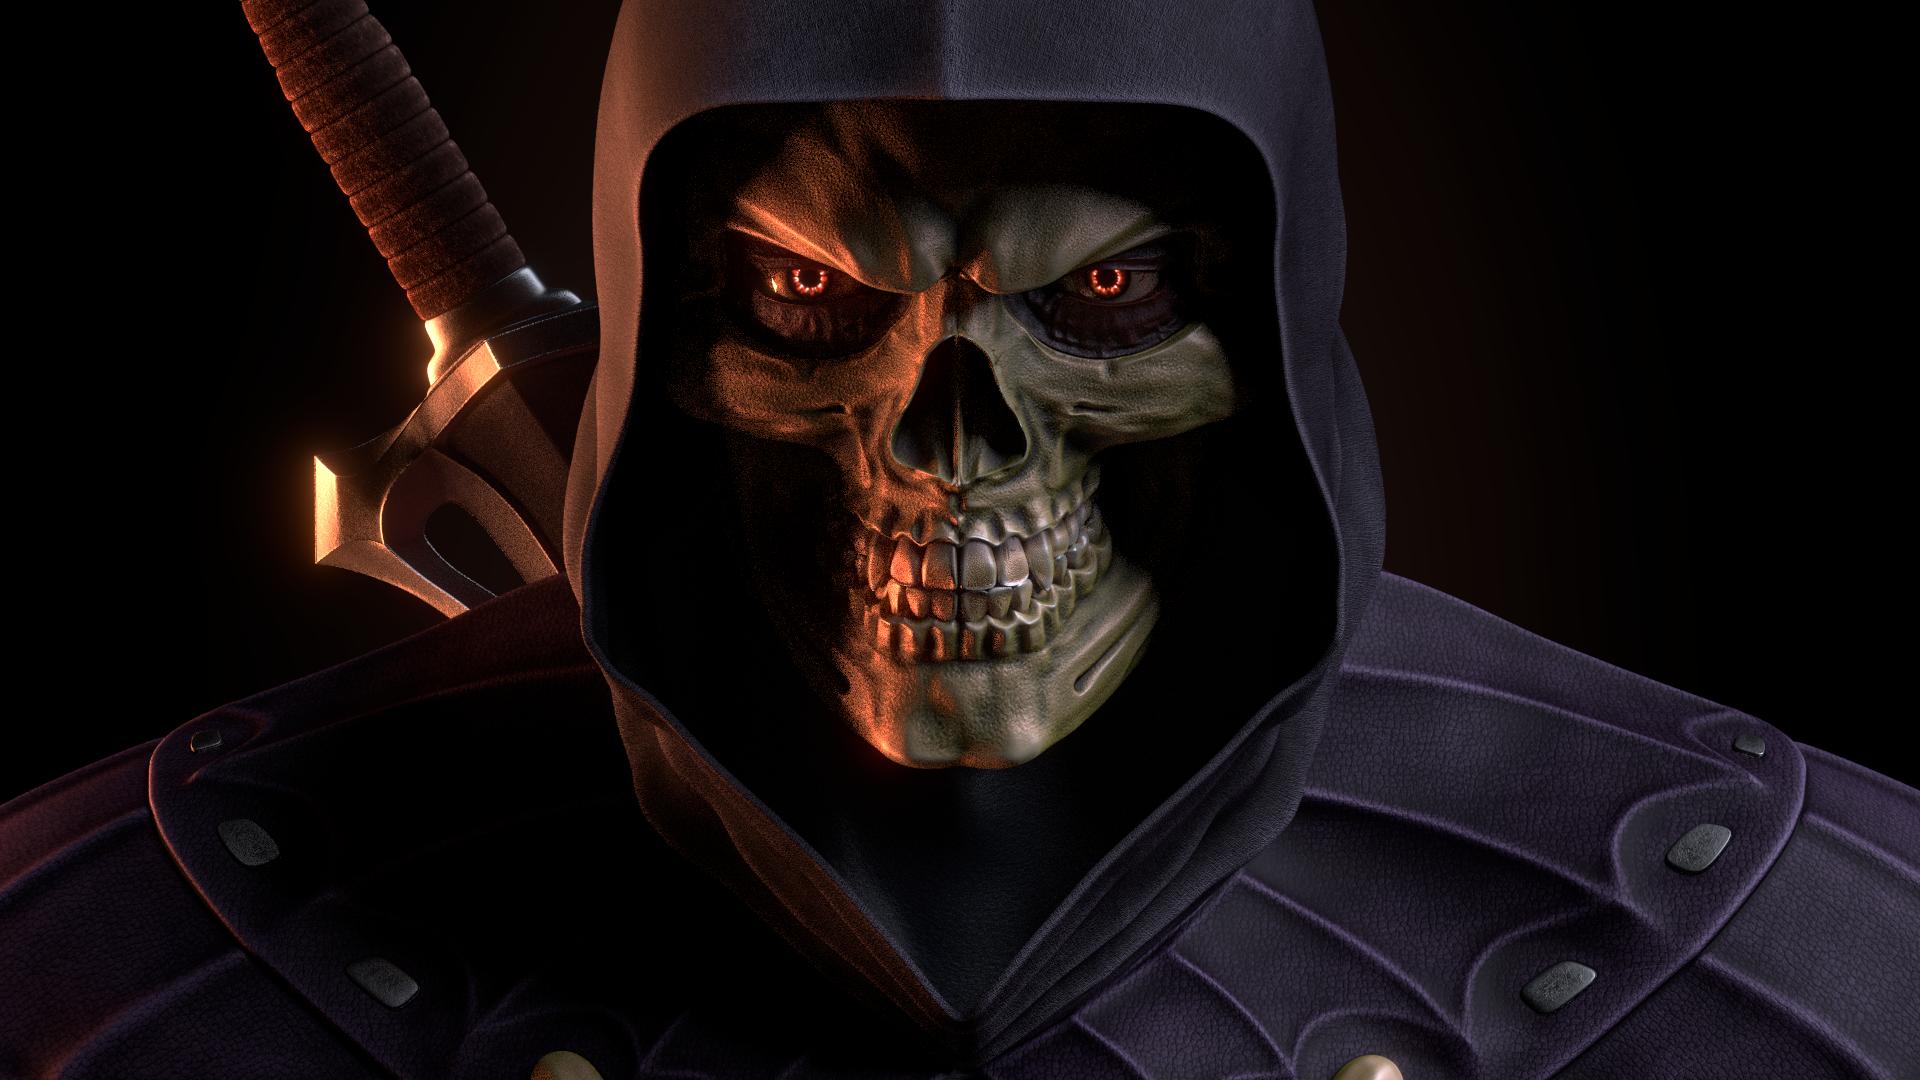 MOTU - Skeletor III - Close Up by paulrich